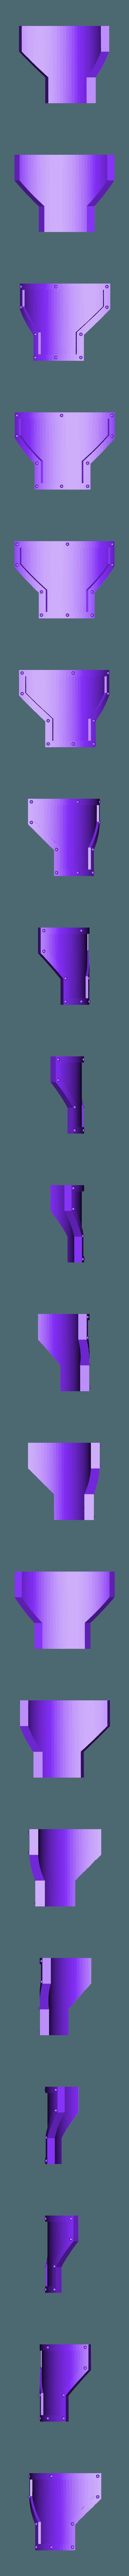 fire control centre armour pannel x3.stl Télécharger fichier STL gratuit 40k Centre de contrôle de tir Big Wall Lord Titan • Modèle imprimable en 3D, The_Titan_Manifactorium